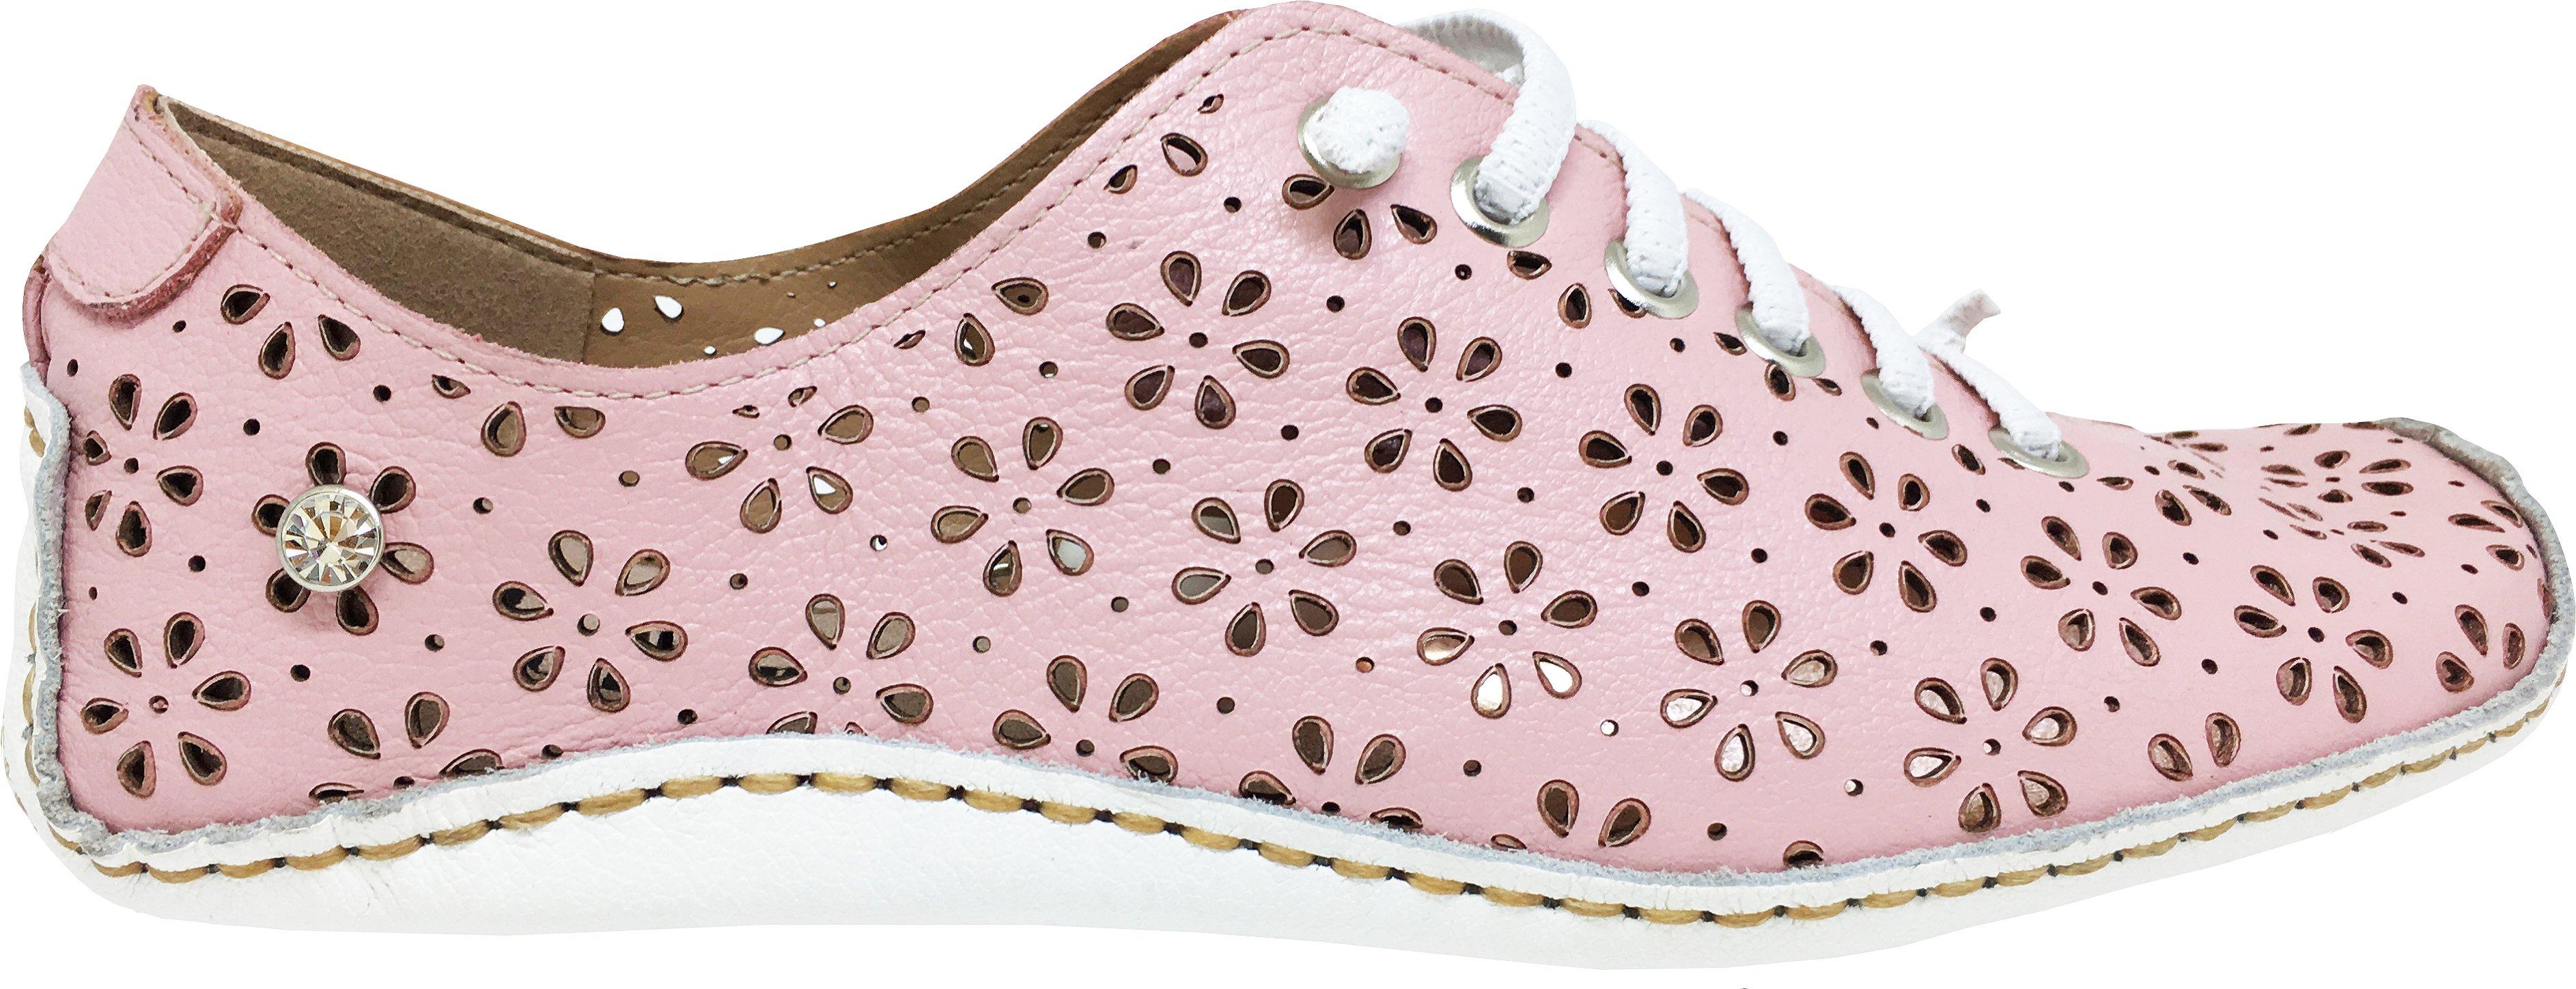 bd964d20c7 A Le Bianco se tornou sinônimo de requinte e bom gosto no mundo dos  calçados feminino